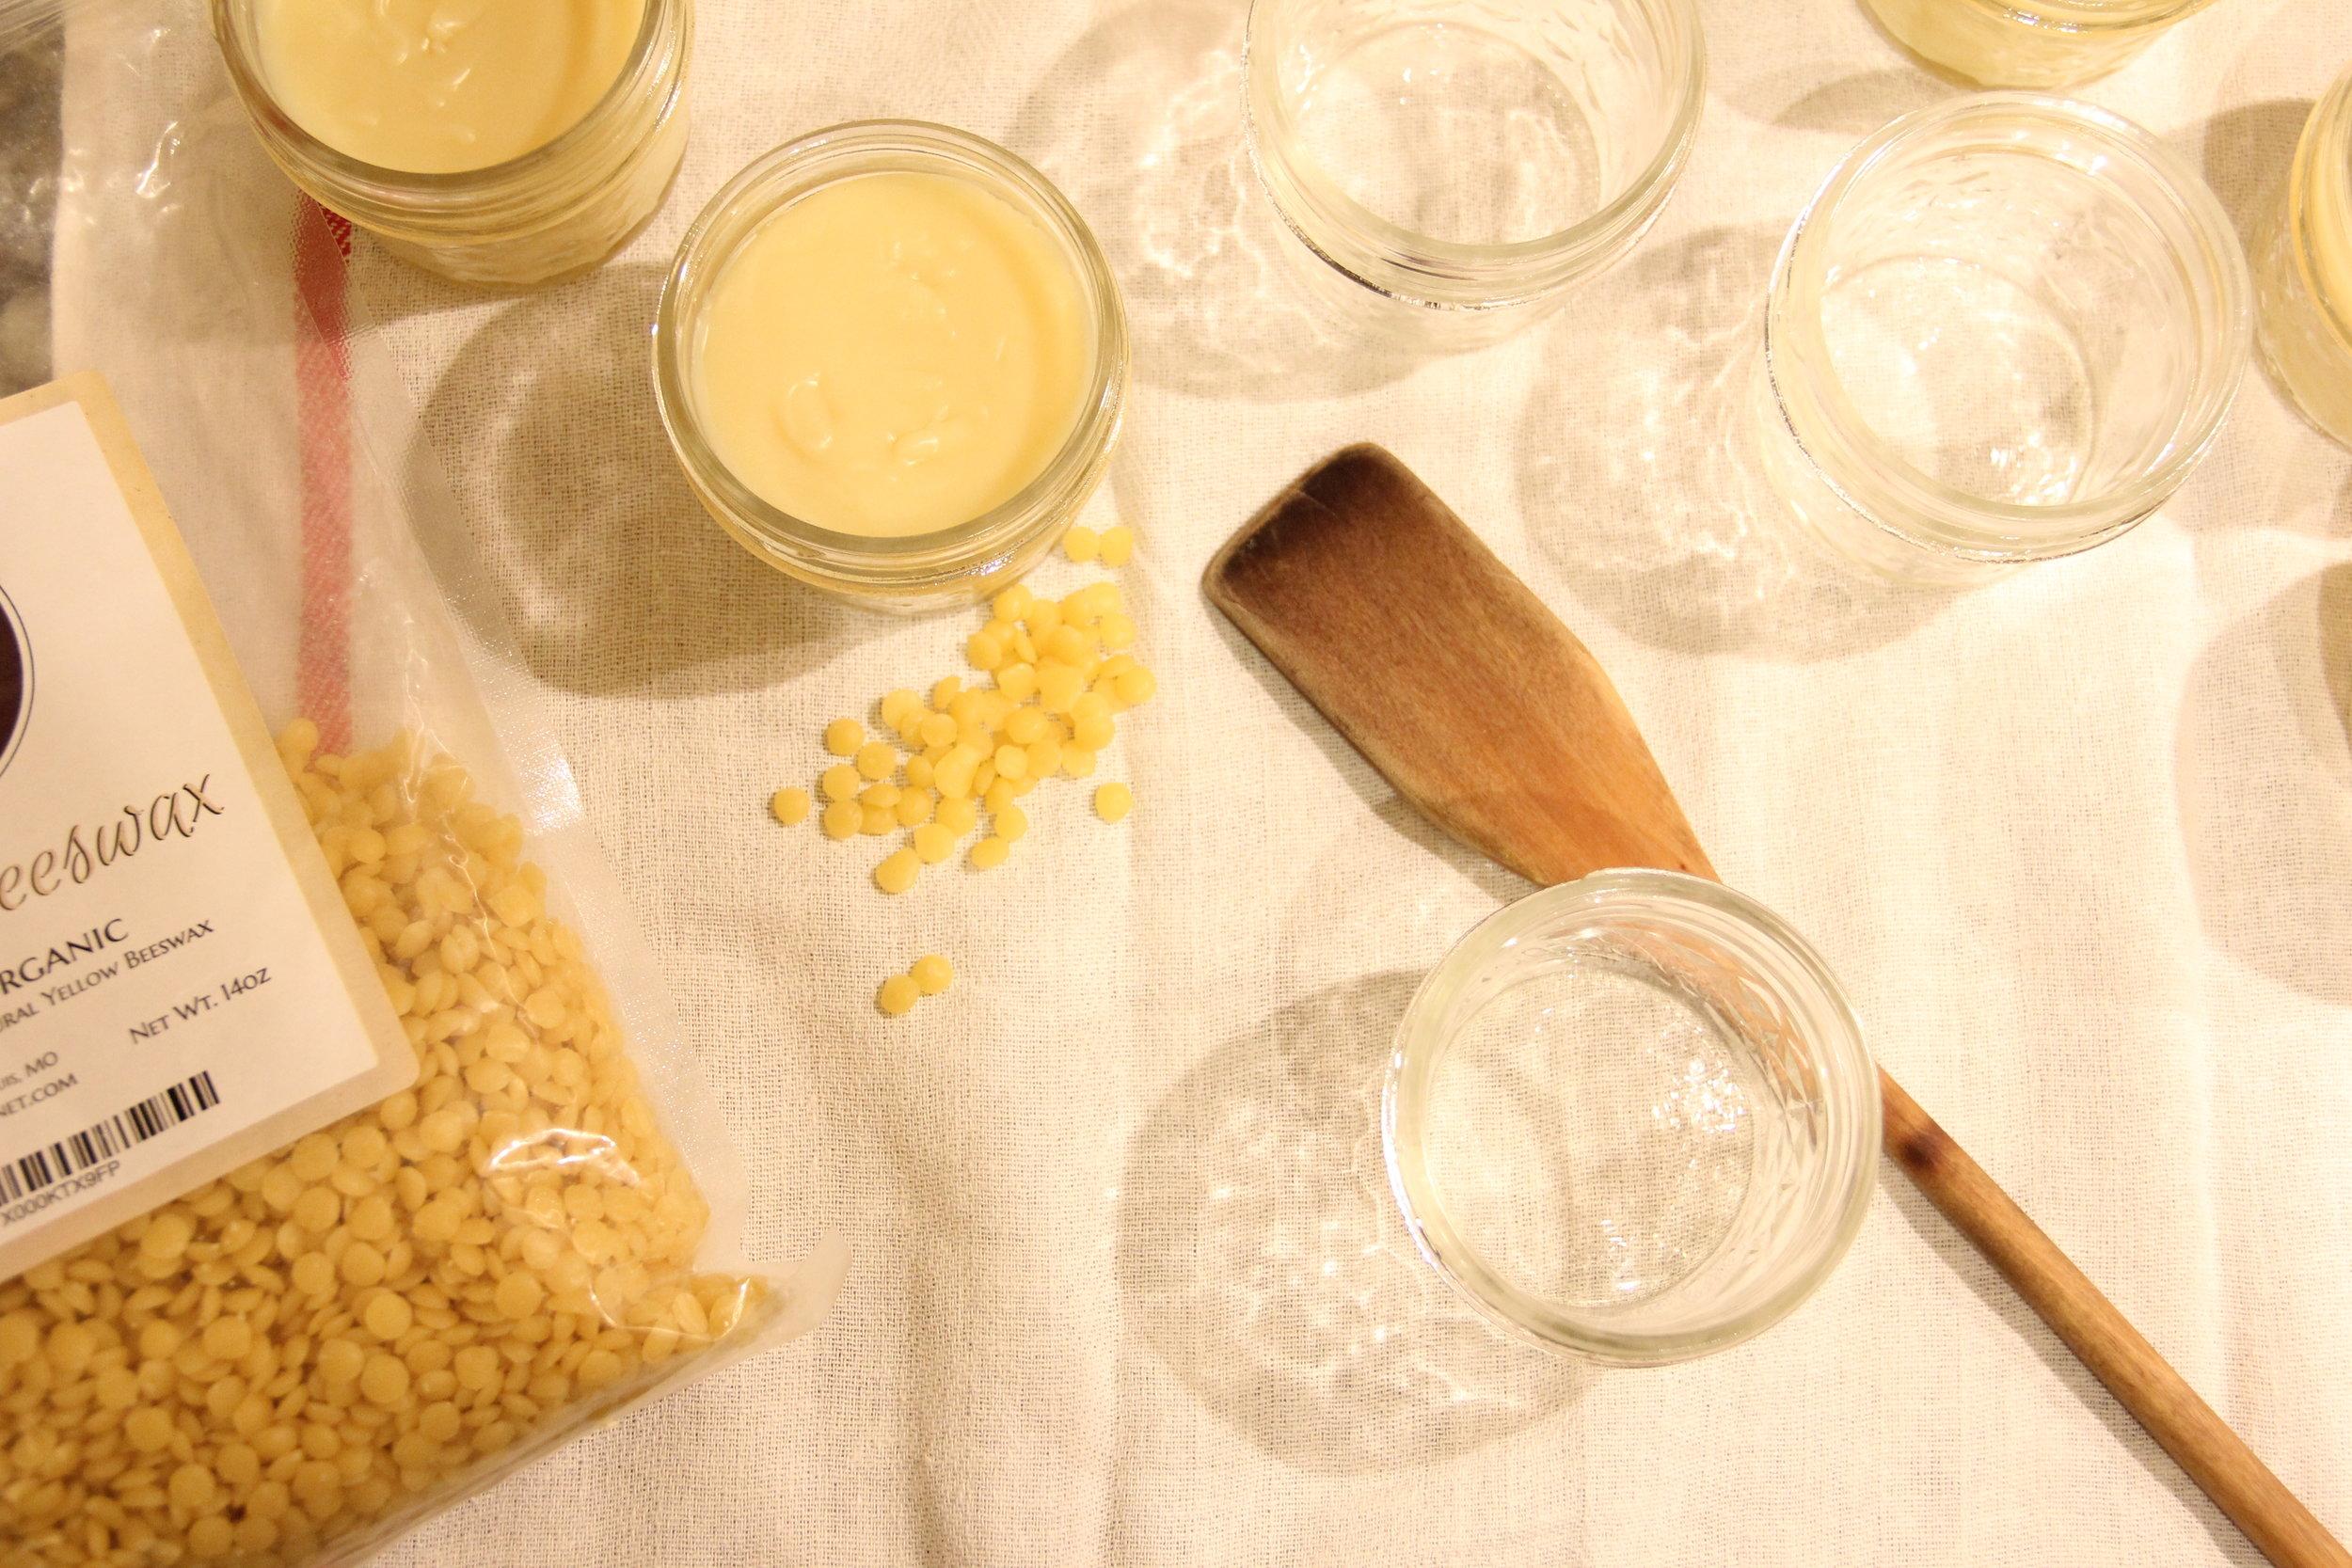 Making wooden kitchenware conditioner